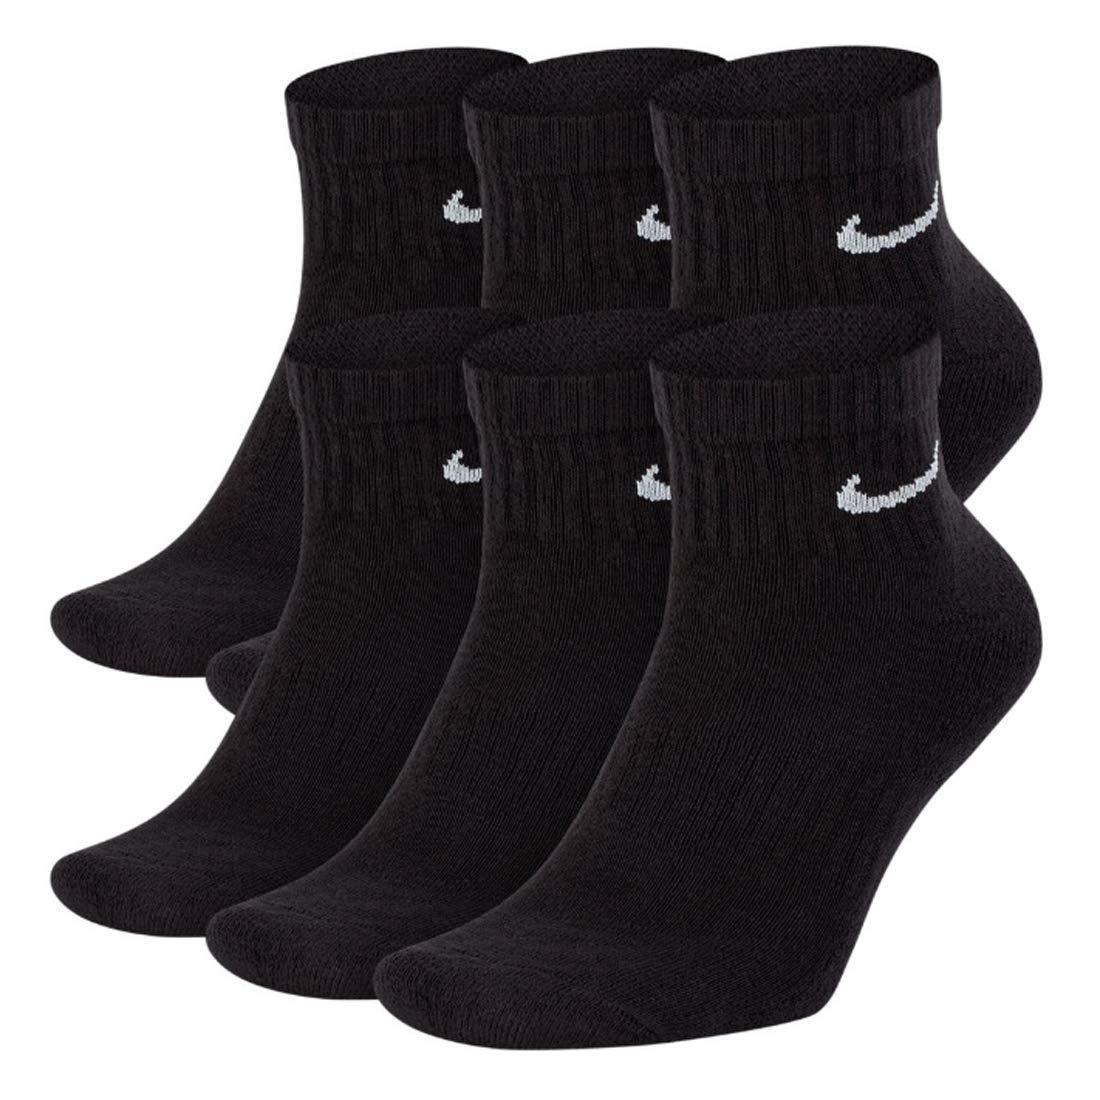 NIKE Everyday Performance Training Socks (6-Pair) (L (Men's 8-12 / Women's 10-13), Ankle(Quarter) Black)